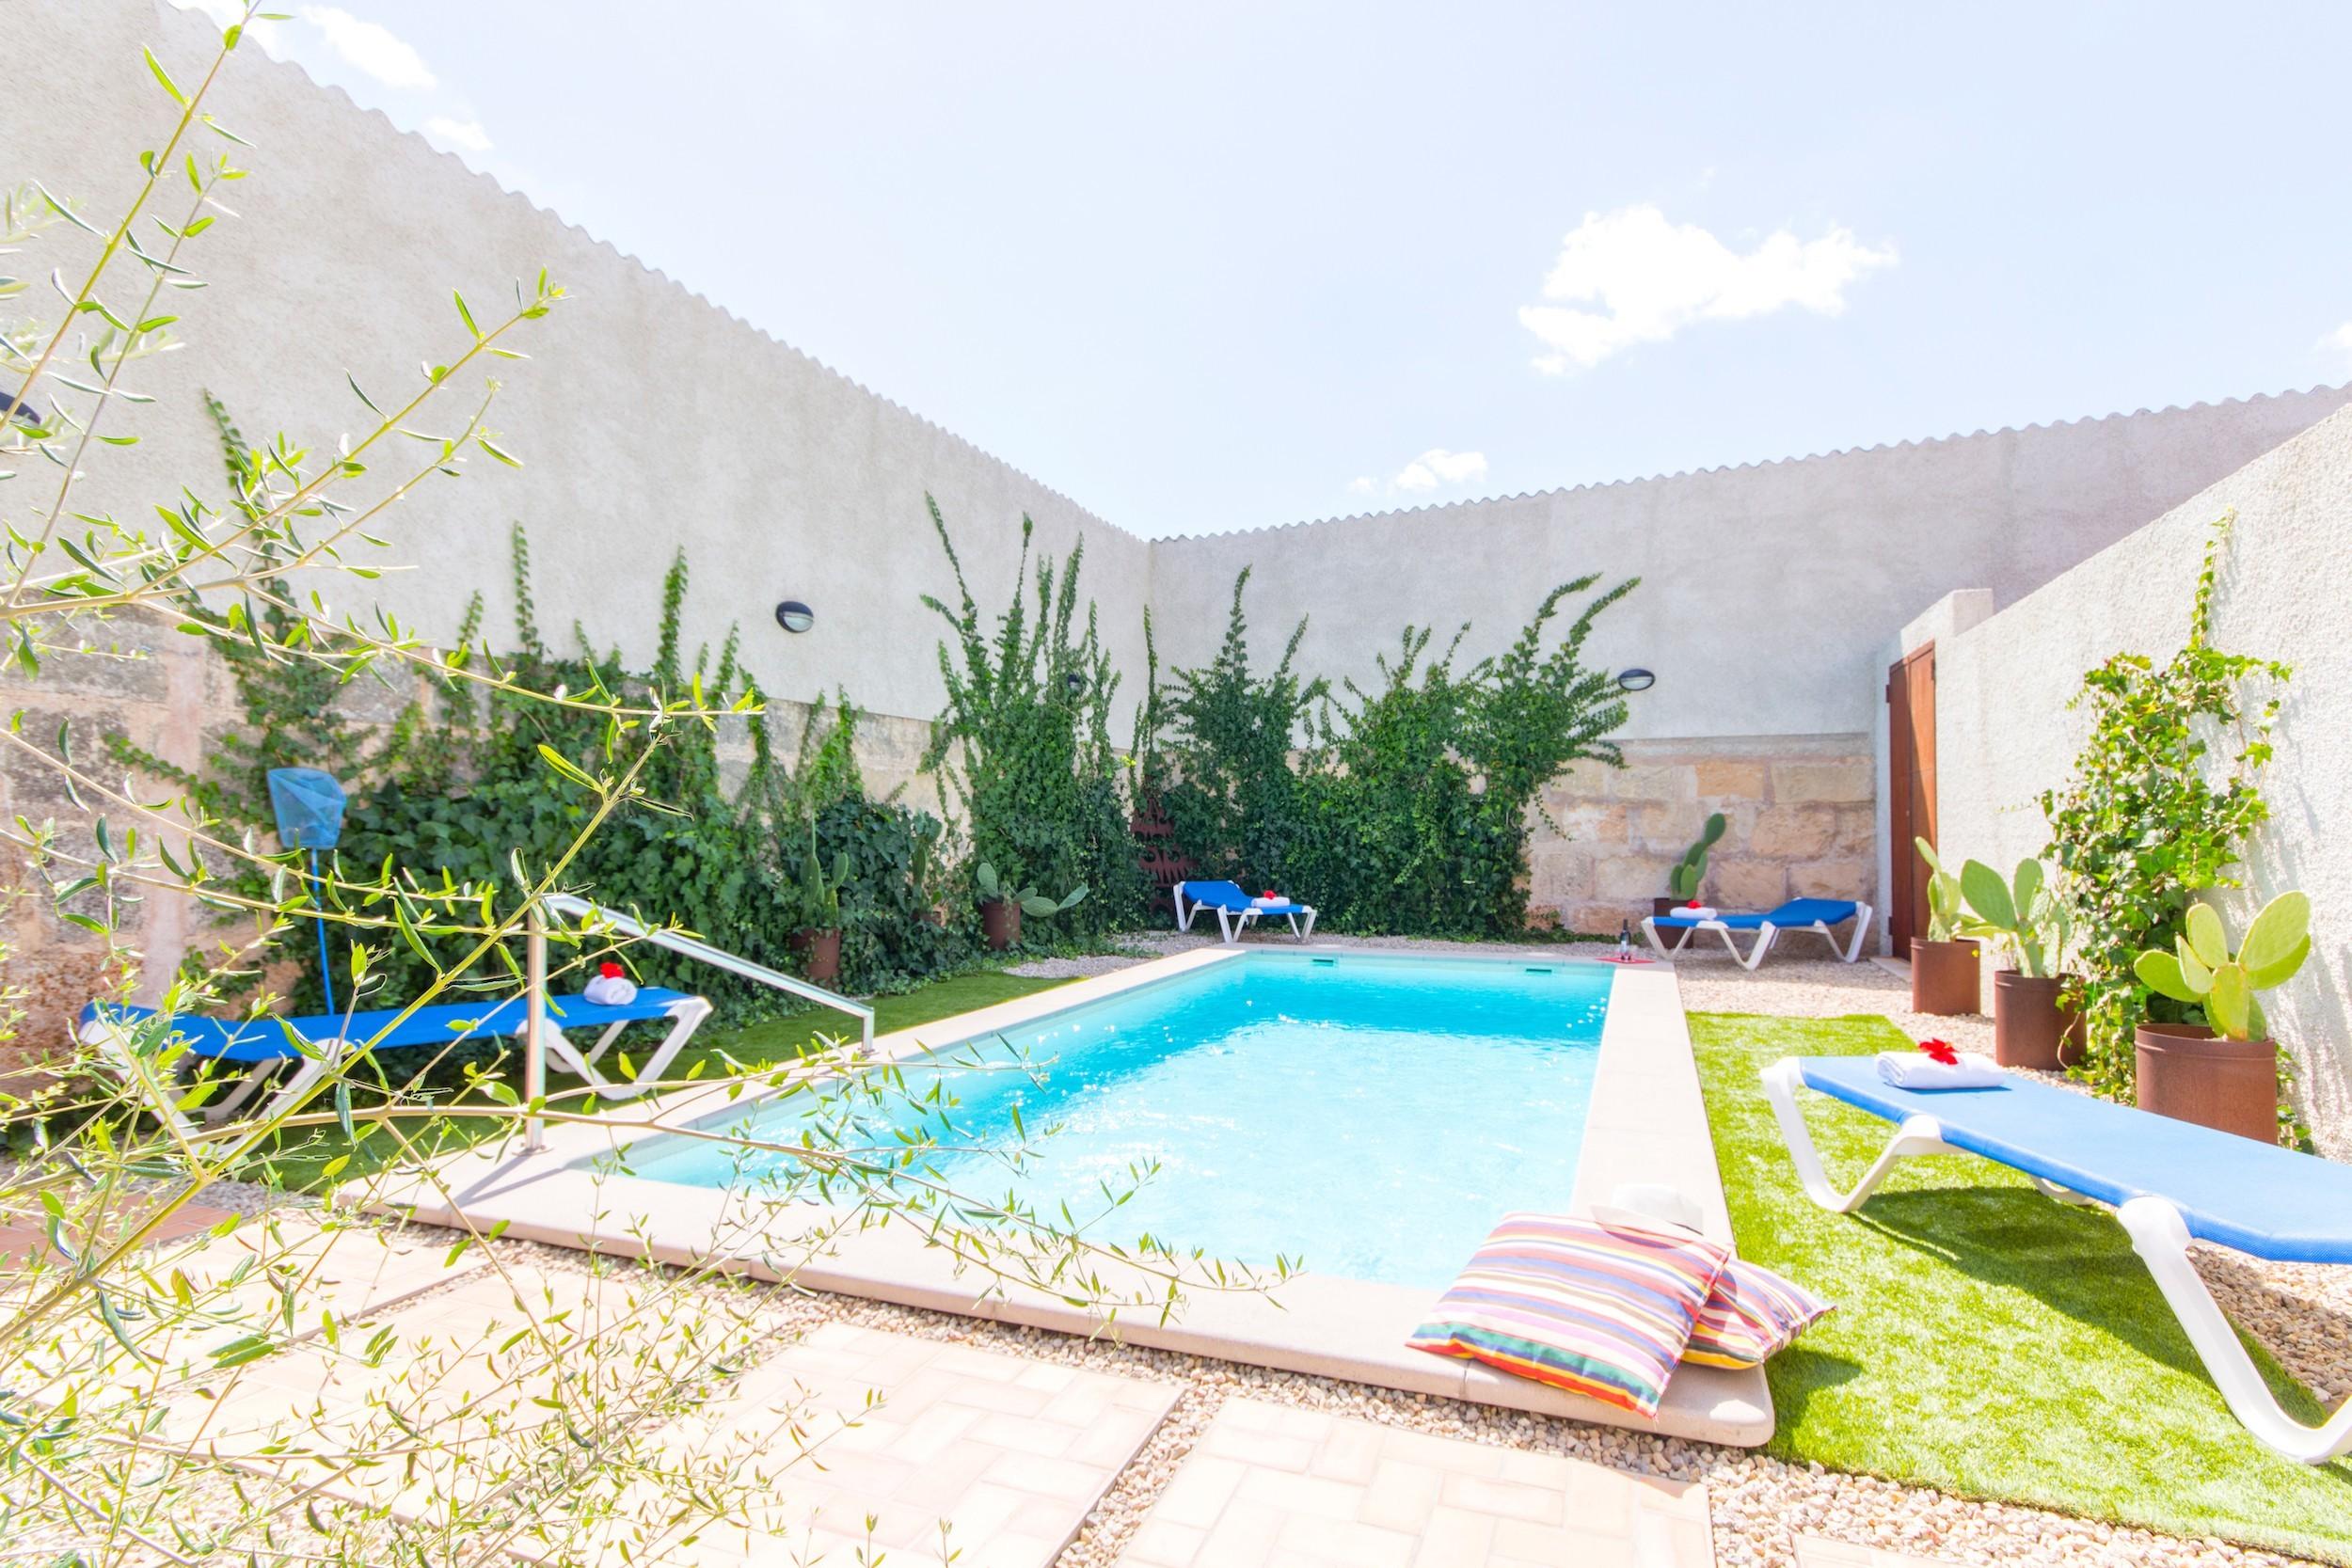 2 chambres doubles, 2 salles de bains, 1 WC, AC, chauffage, Wi-Fi gratuit, zone extérieure avec piscine privée et barbecue.